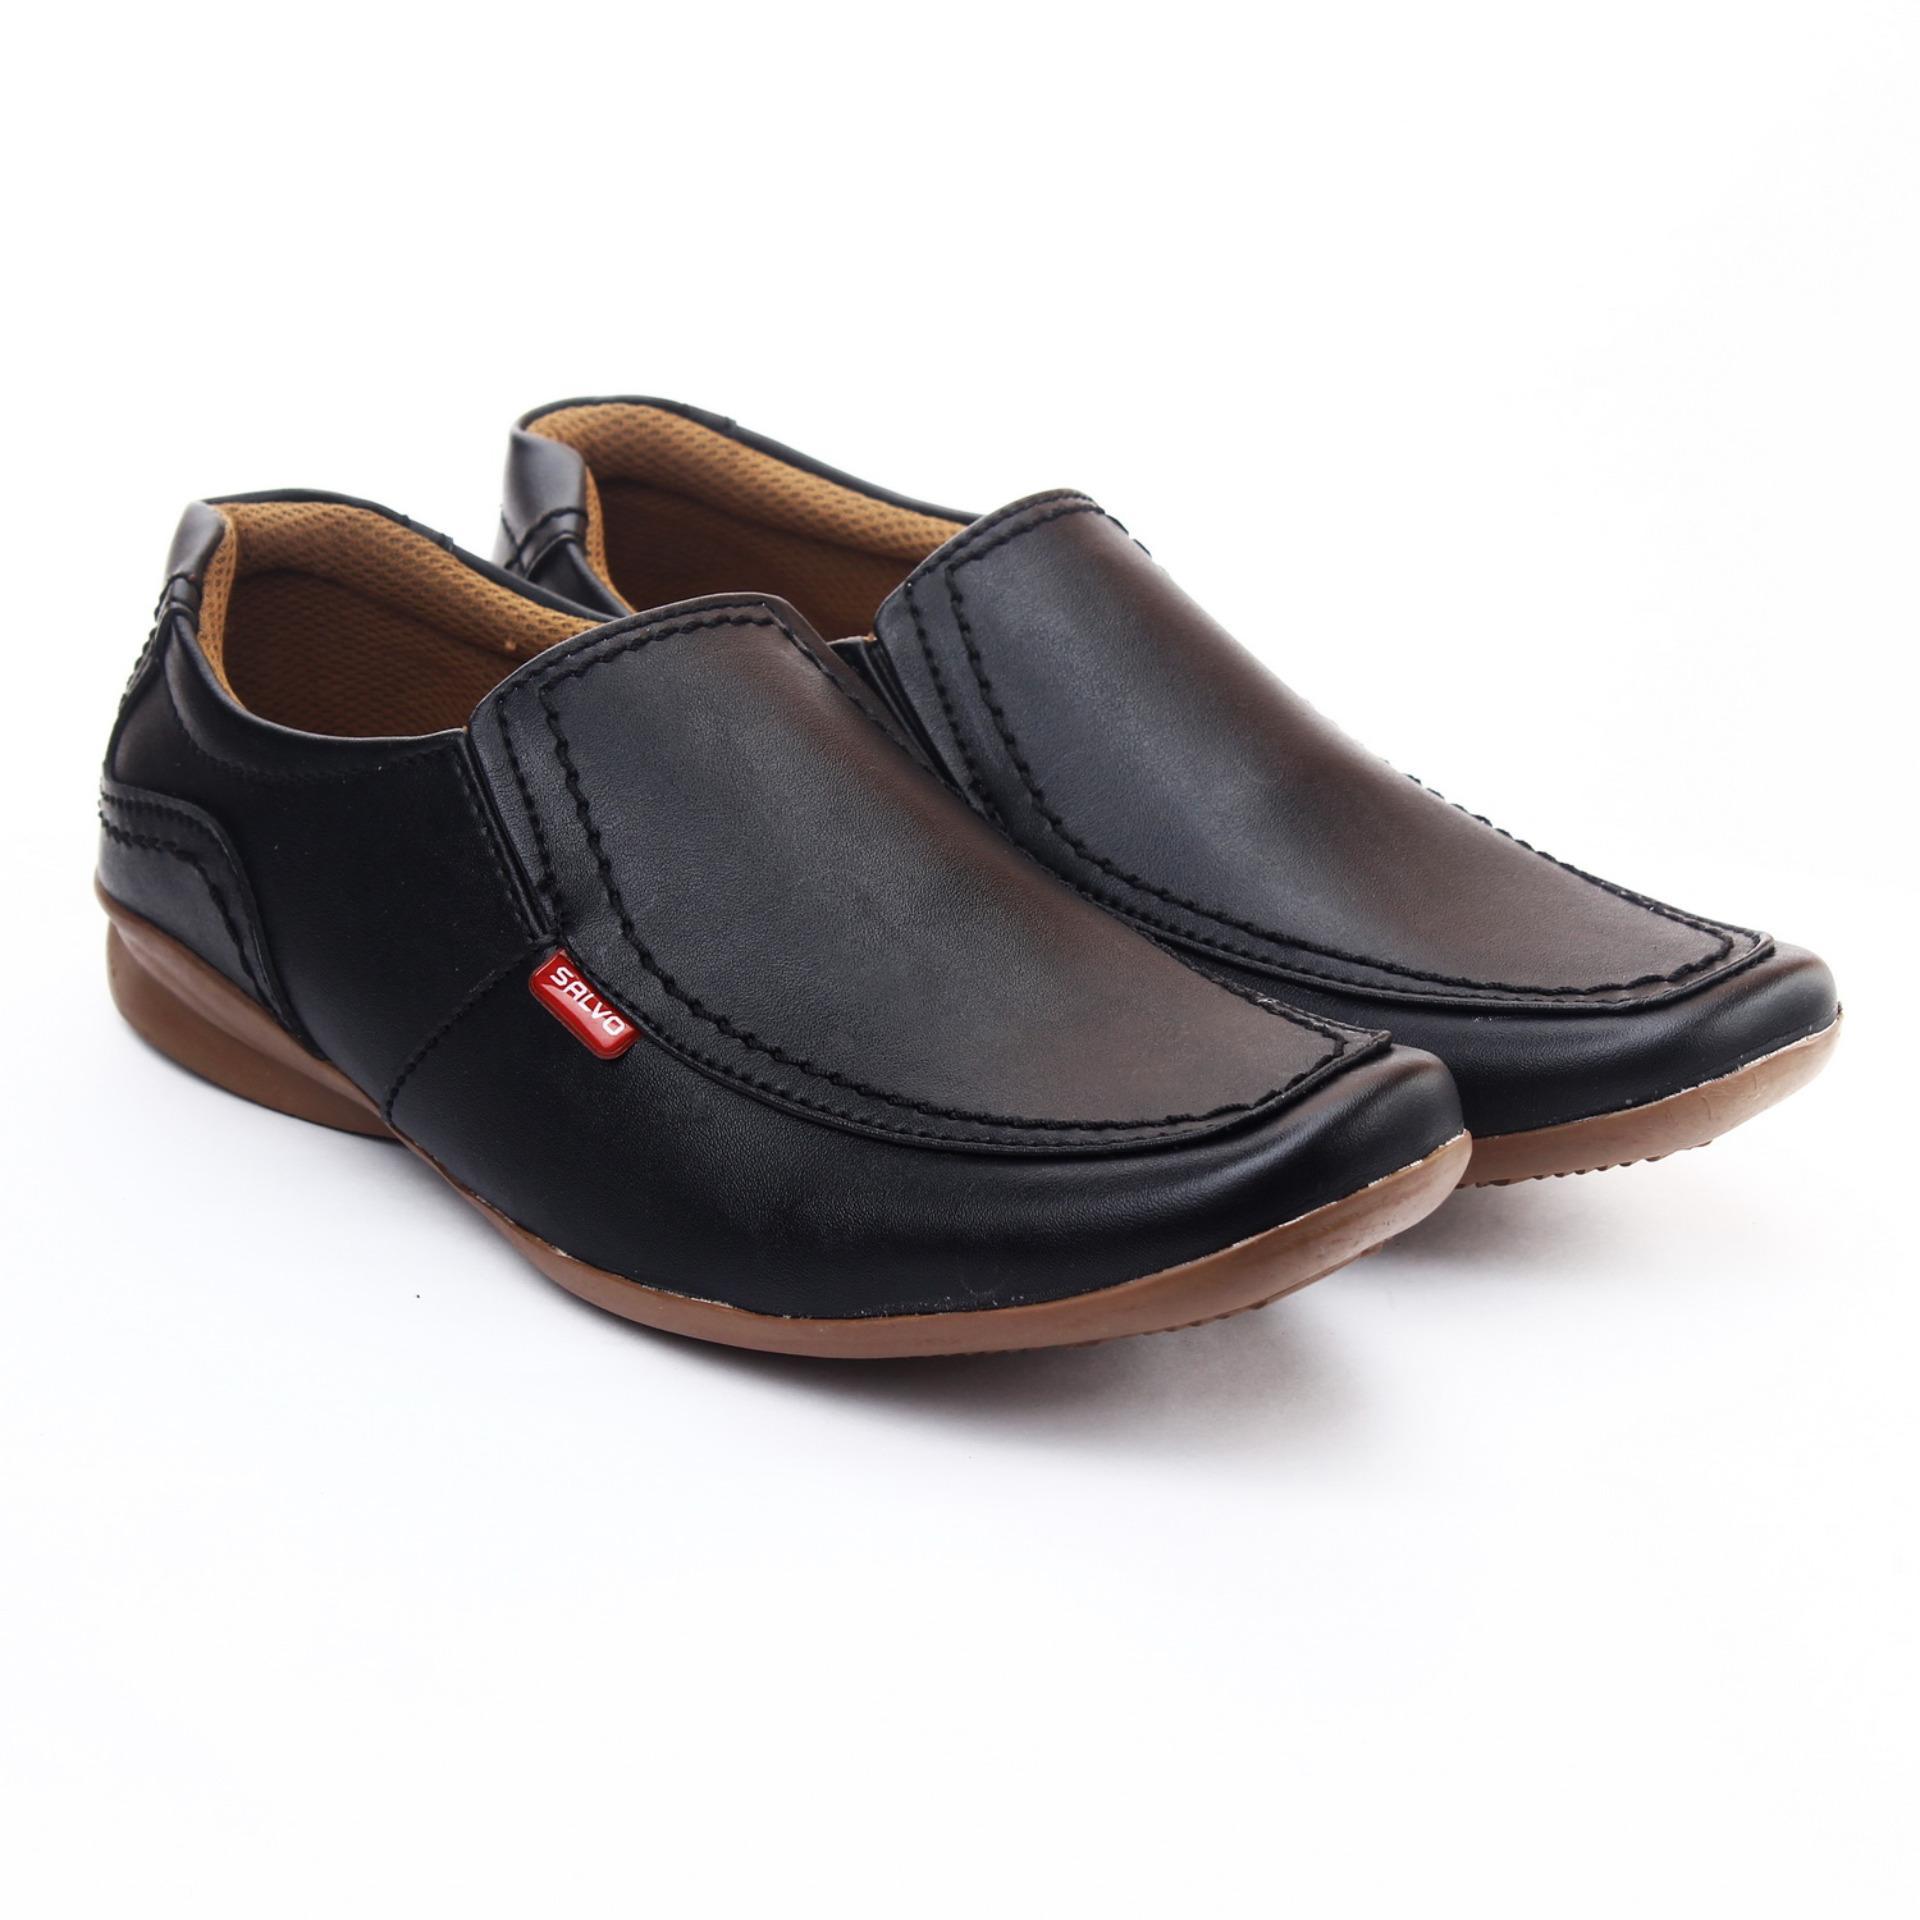 Salvo / fashion pria / sepatu / sepatu pria / sepatu cowo / sepatu cowok / sepatu formal pria / sepatu kerja / sepatu formal pria / sepatu kerja pria /  sepatu kulit / sepatu kulit pria / sepatu formal pria / sepatu murah / sepatu pria murah CA07-Hitam